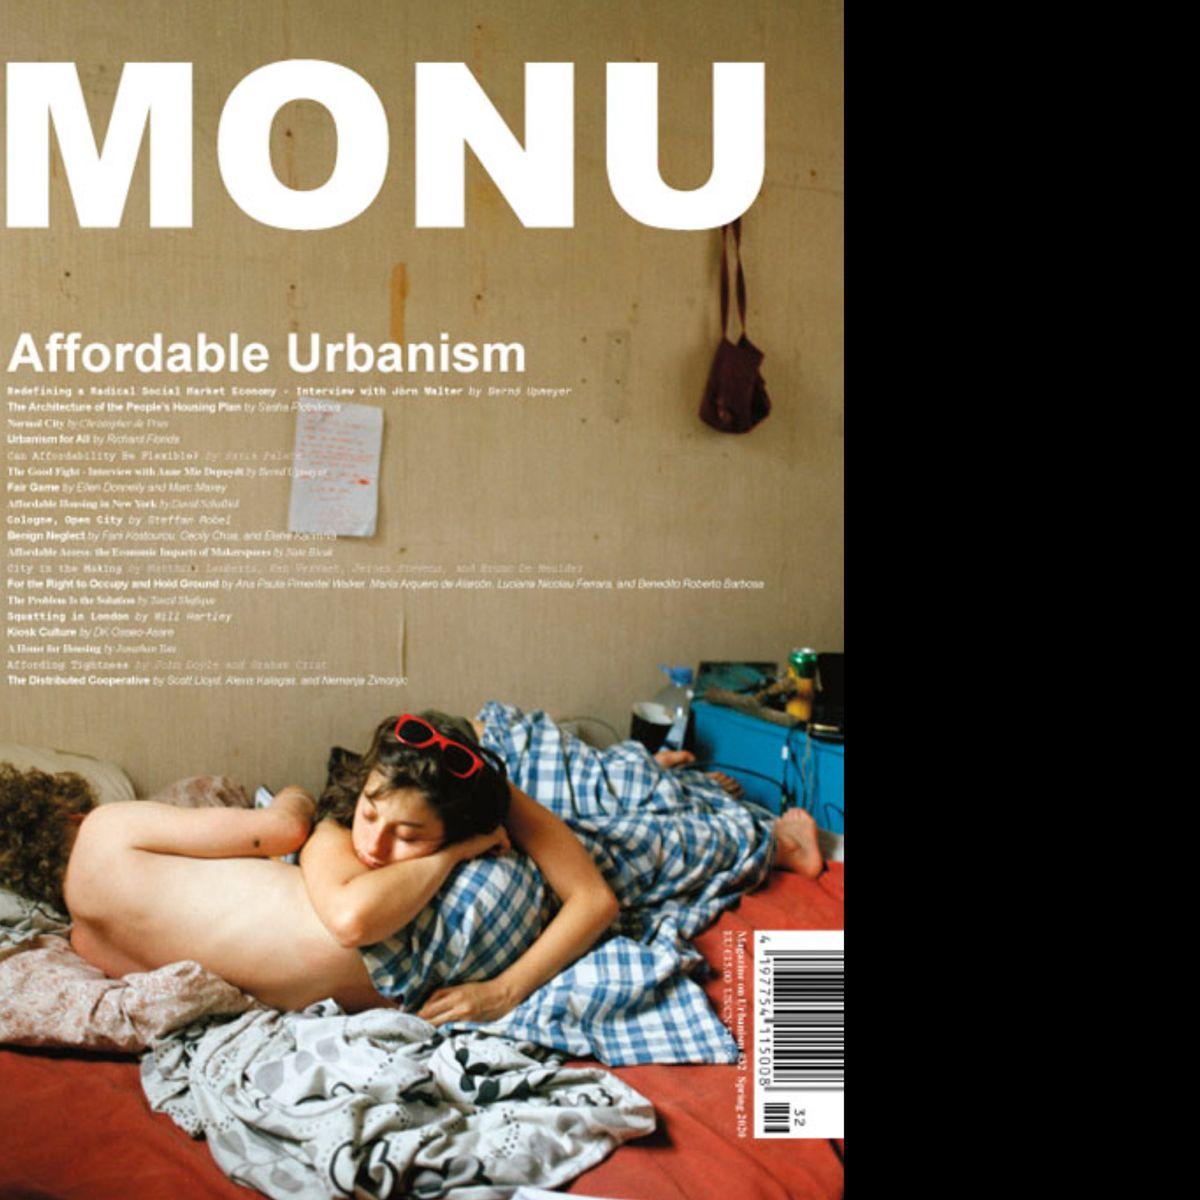 MONU_Kiosk Culture.jpg